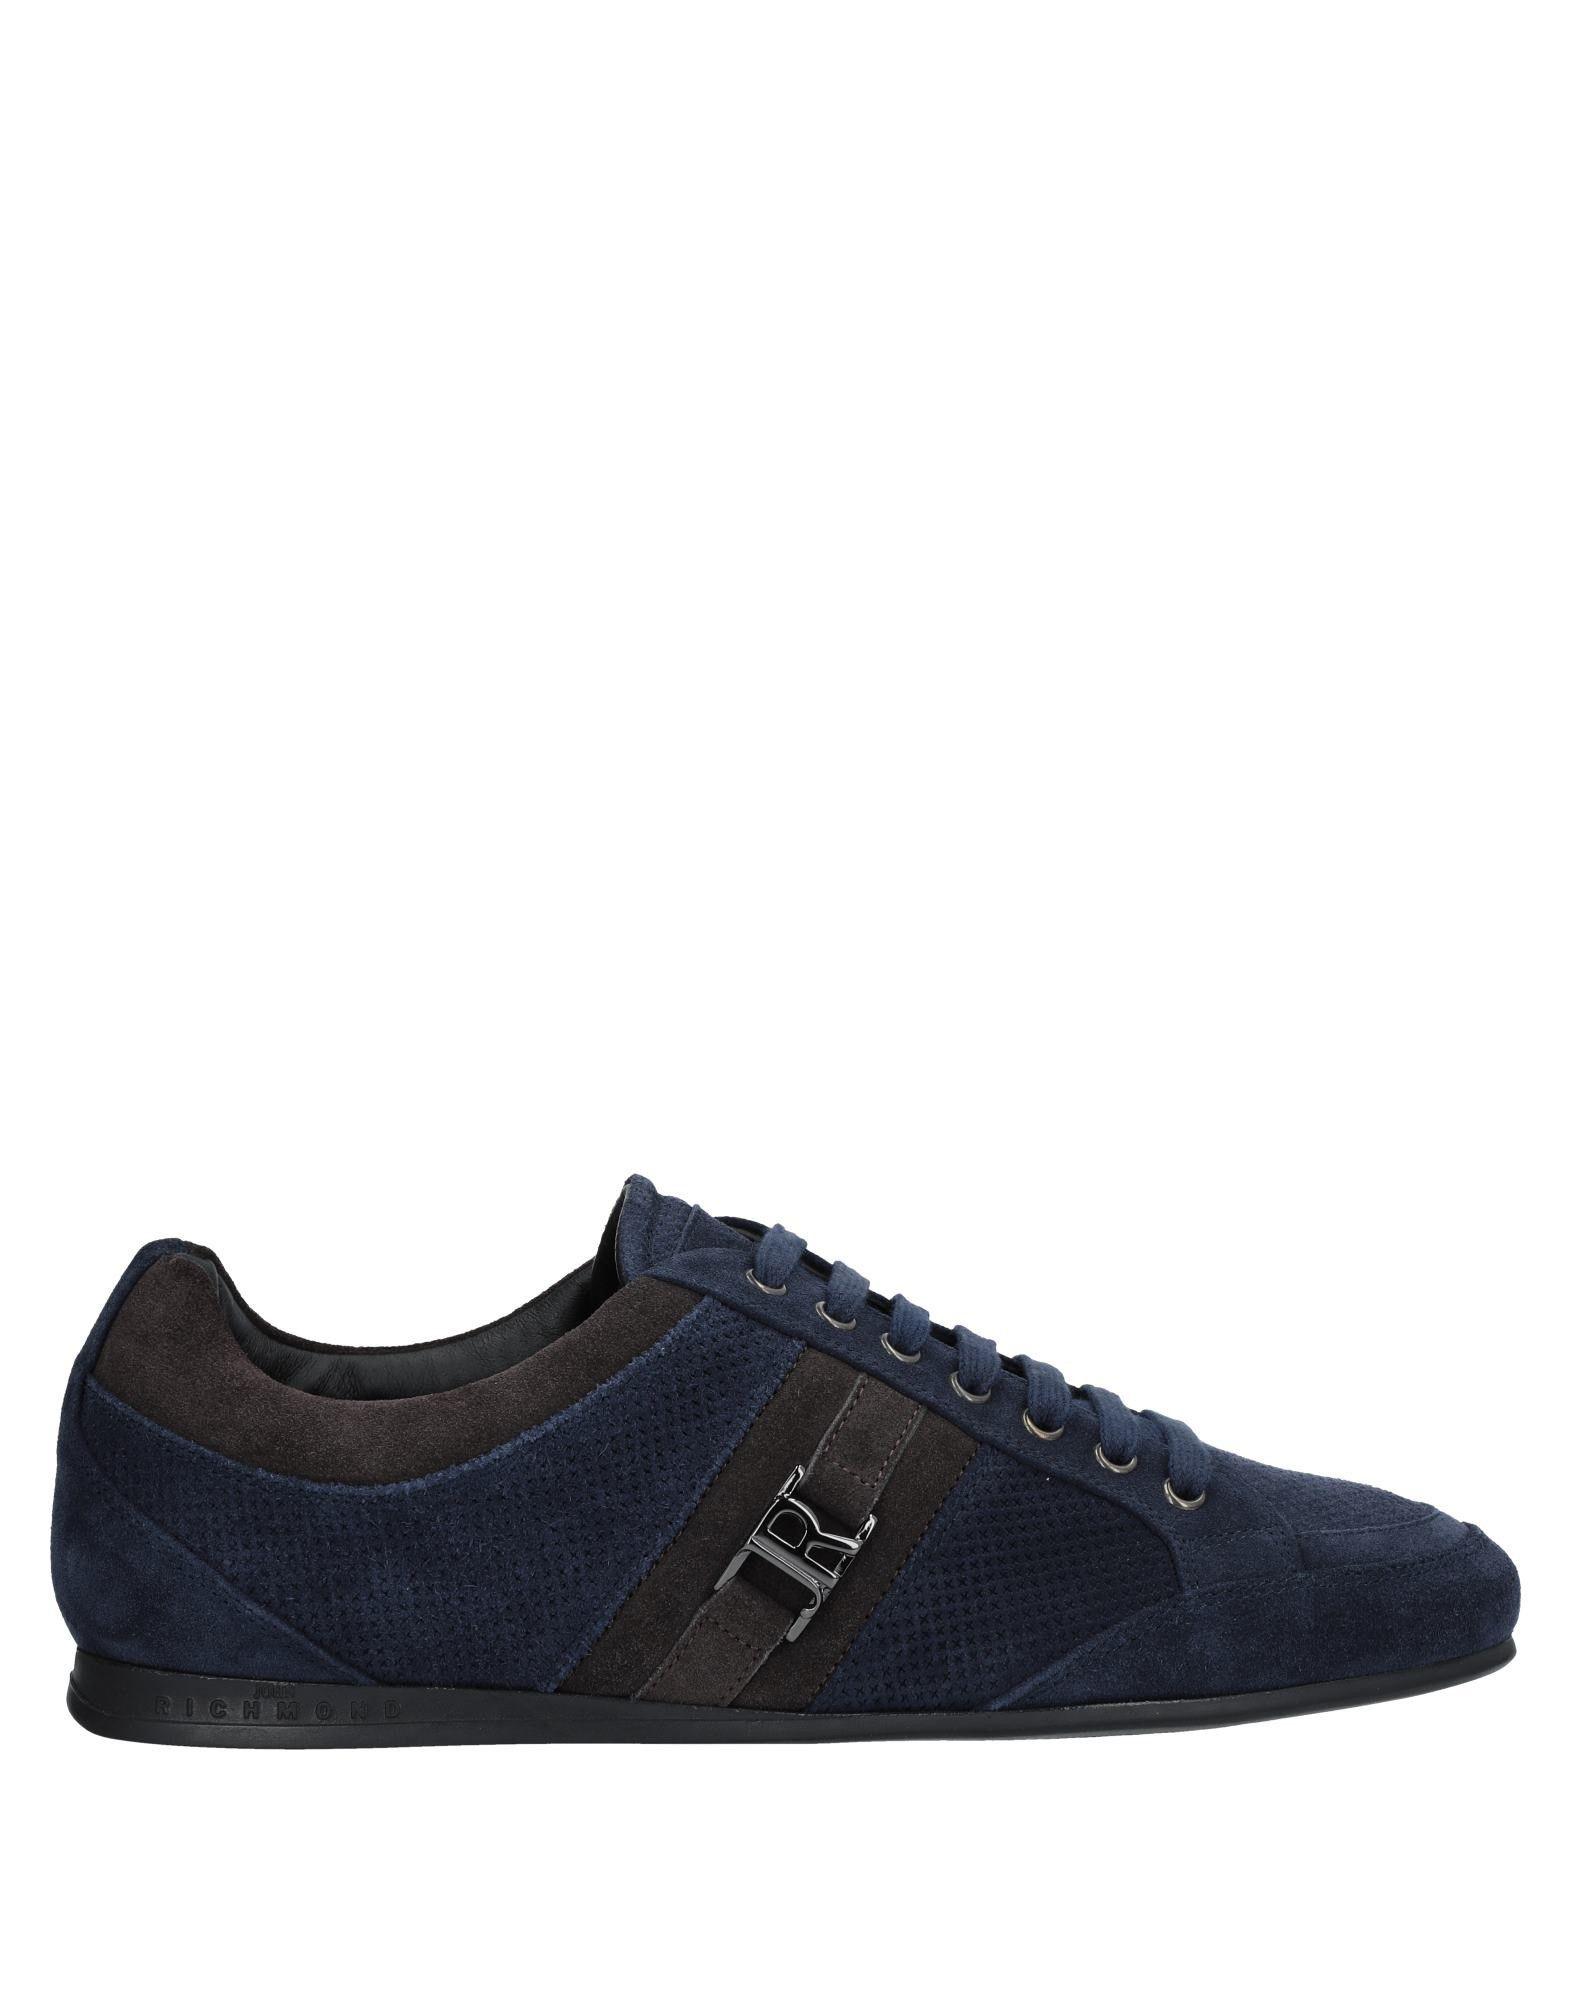 John Richmond Sneakers Herren  11530949QJ